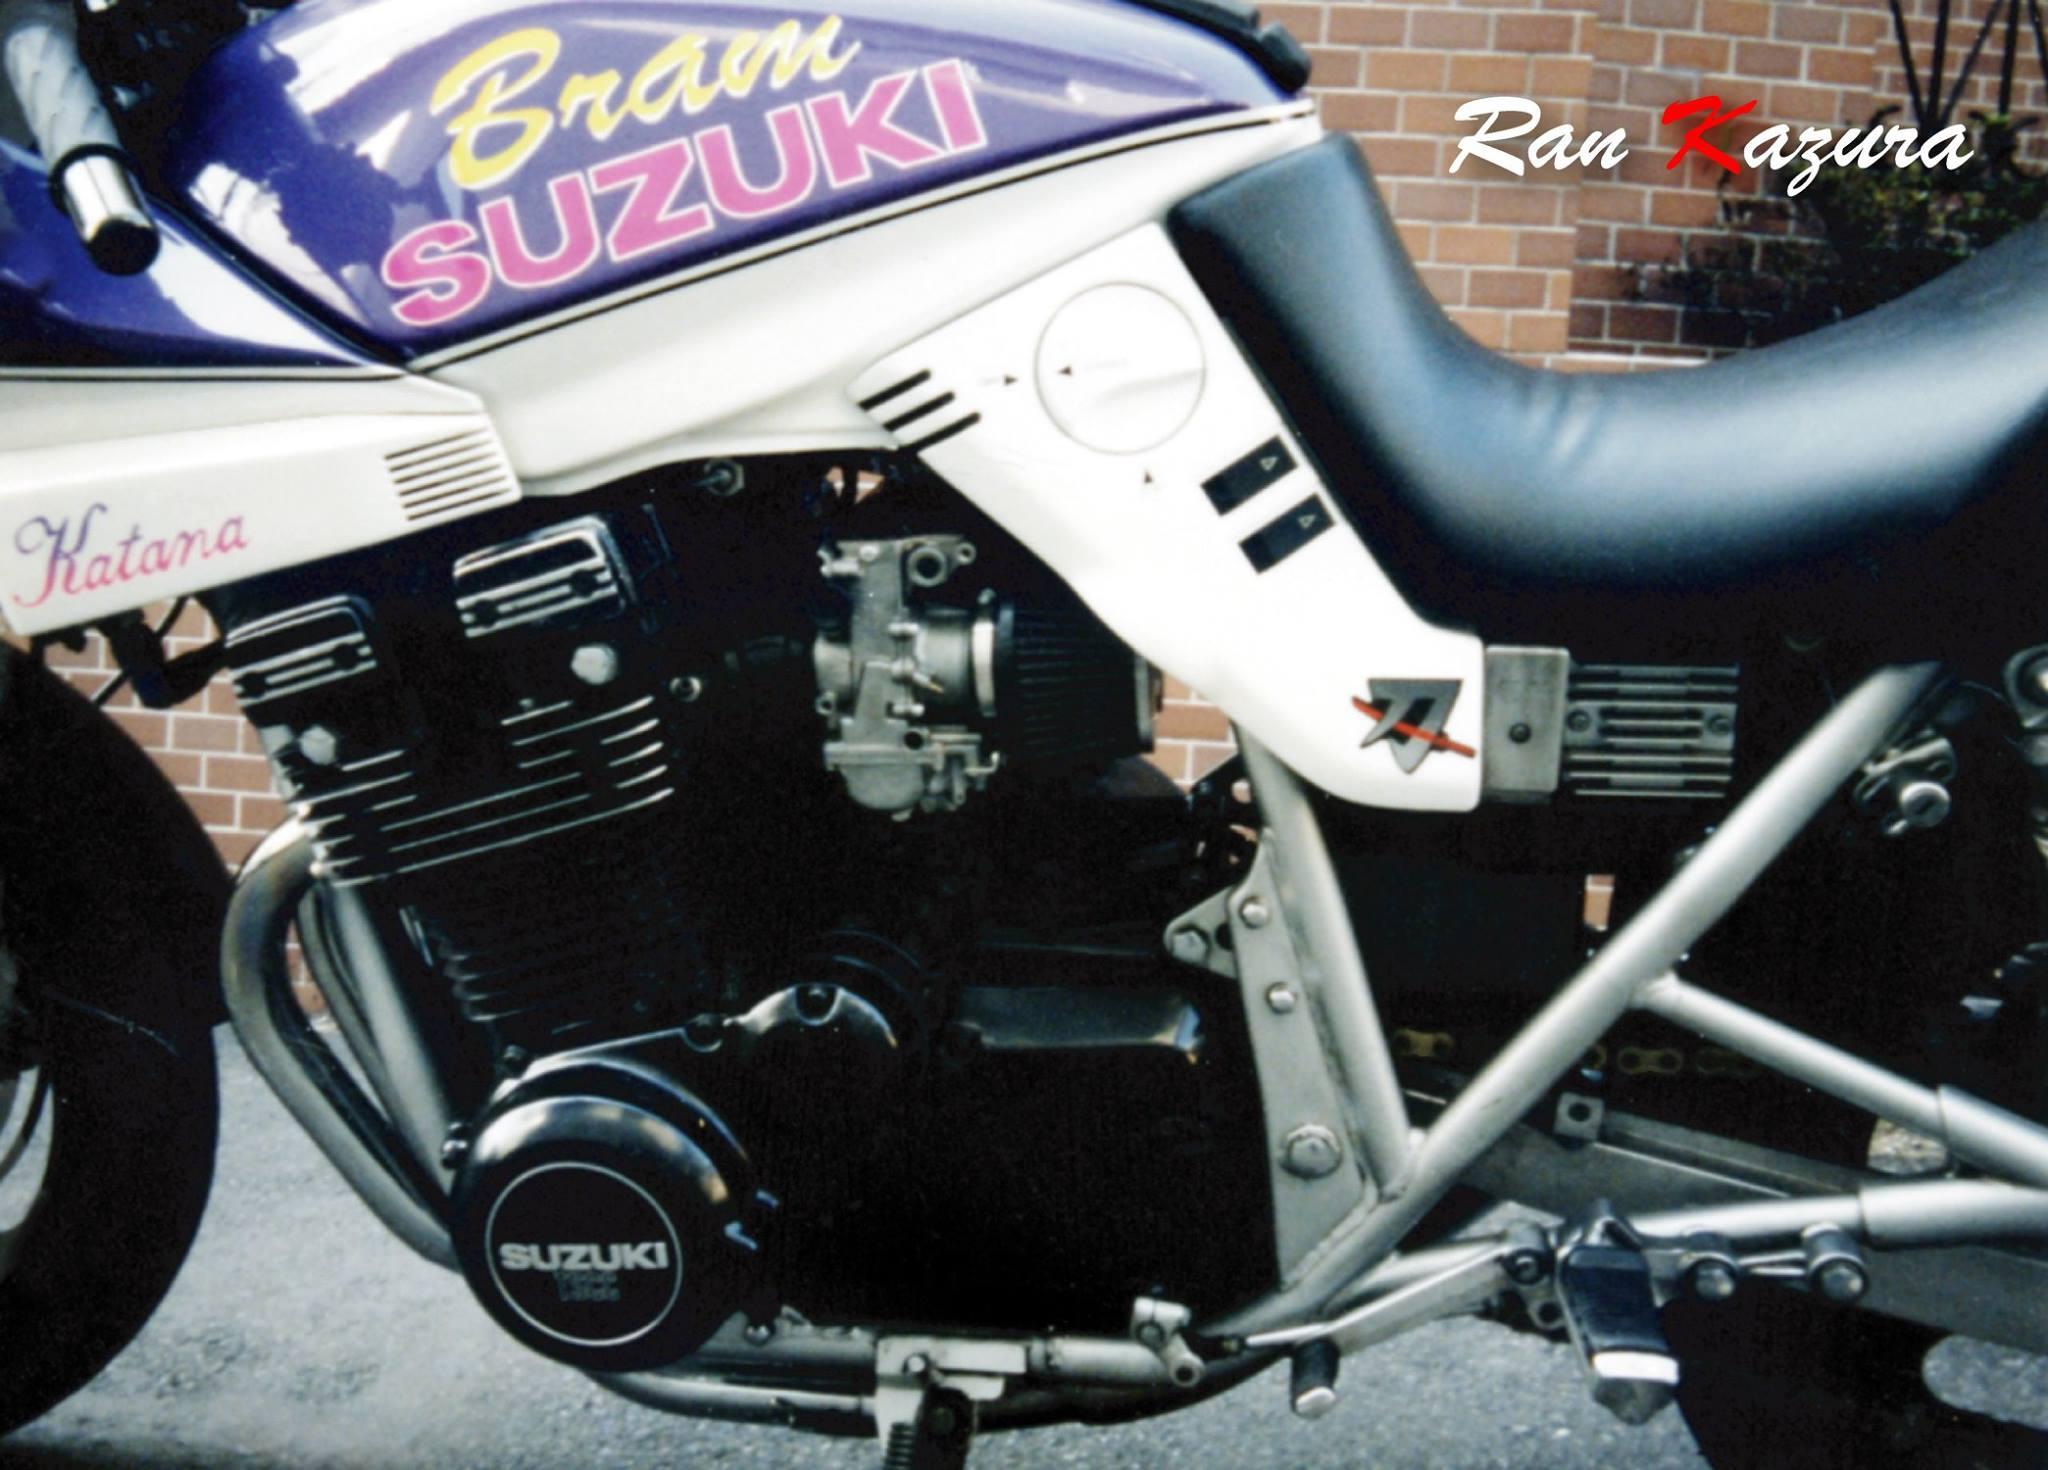 お世話になっていたバイク屋さん[ブラム]さんの 名を冠して^^ いやぁ~!ココに写っている全ての柄・文字が、シールじゃ無いですから、この塗装技術はスゴイですね。。。